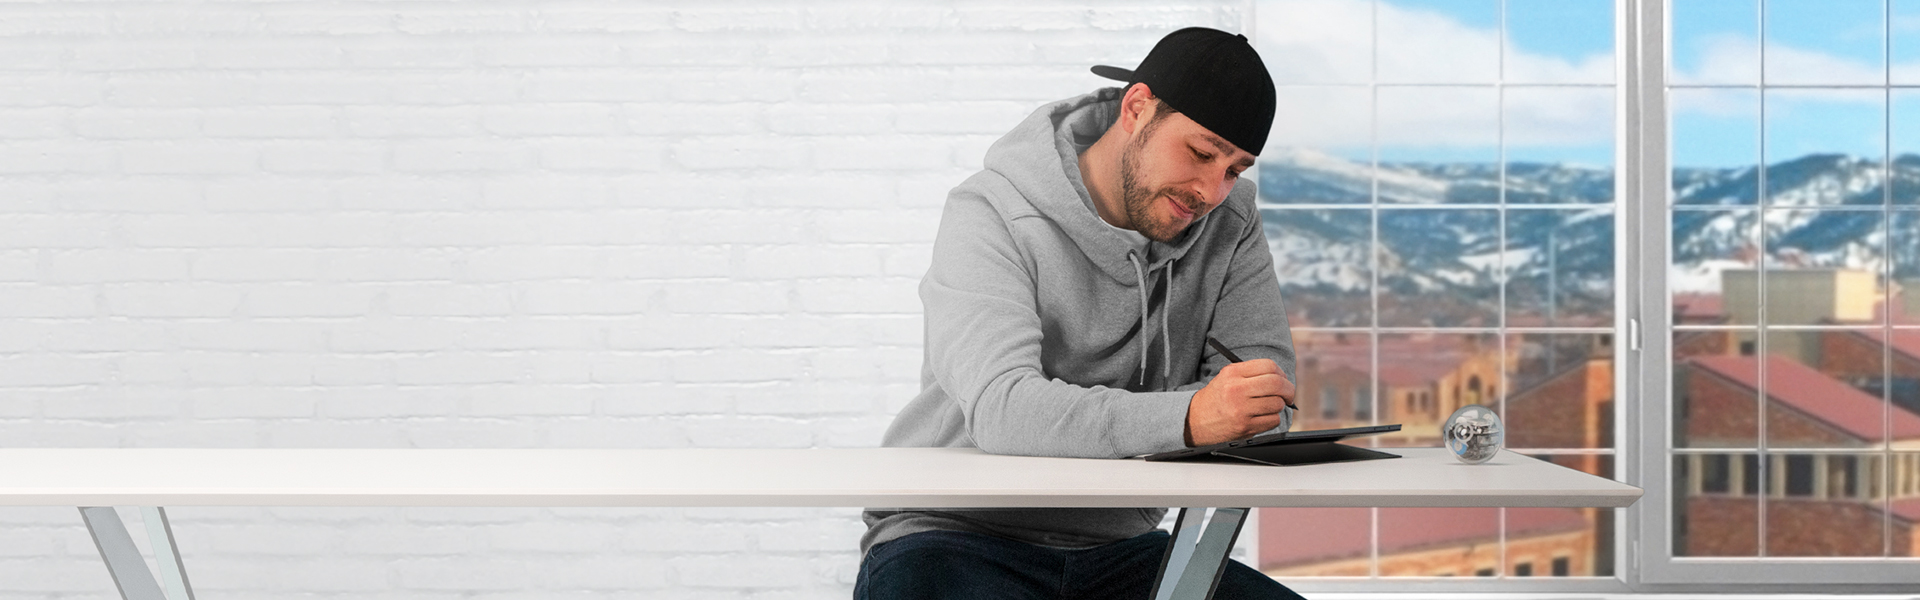 책상 앞에서 Surface를 사용하면서 웃고 있는 남자